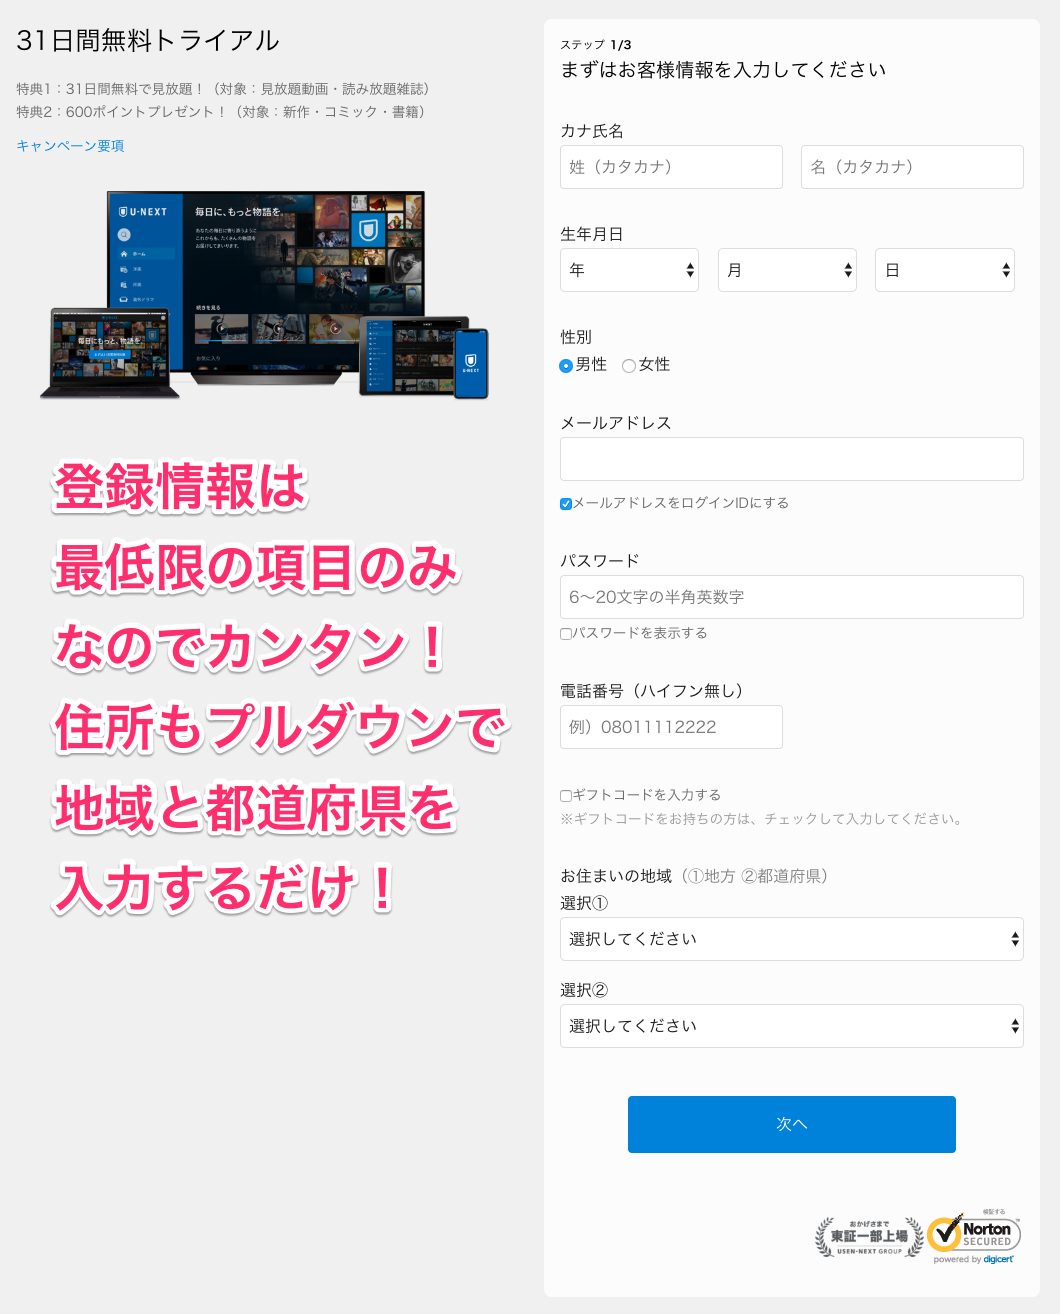 U-NEXT31日間無料トライアル【登録方法】情報入力